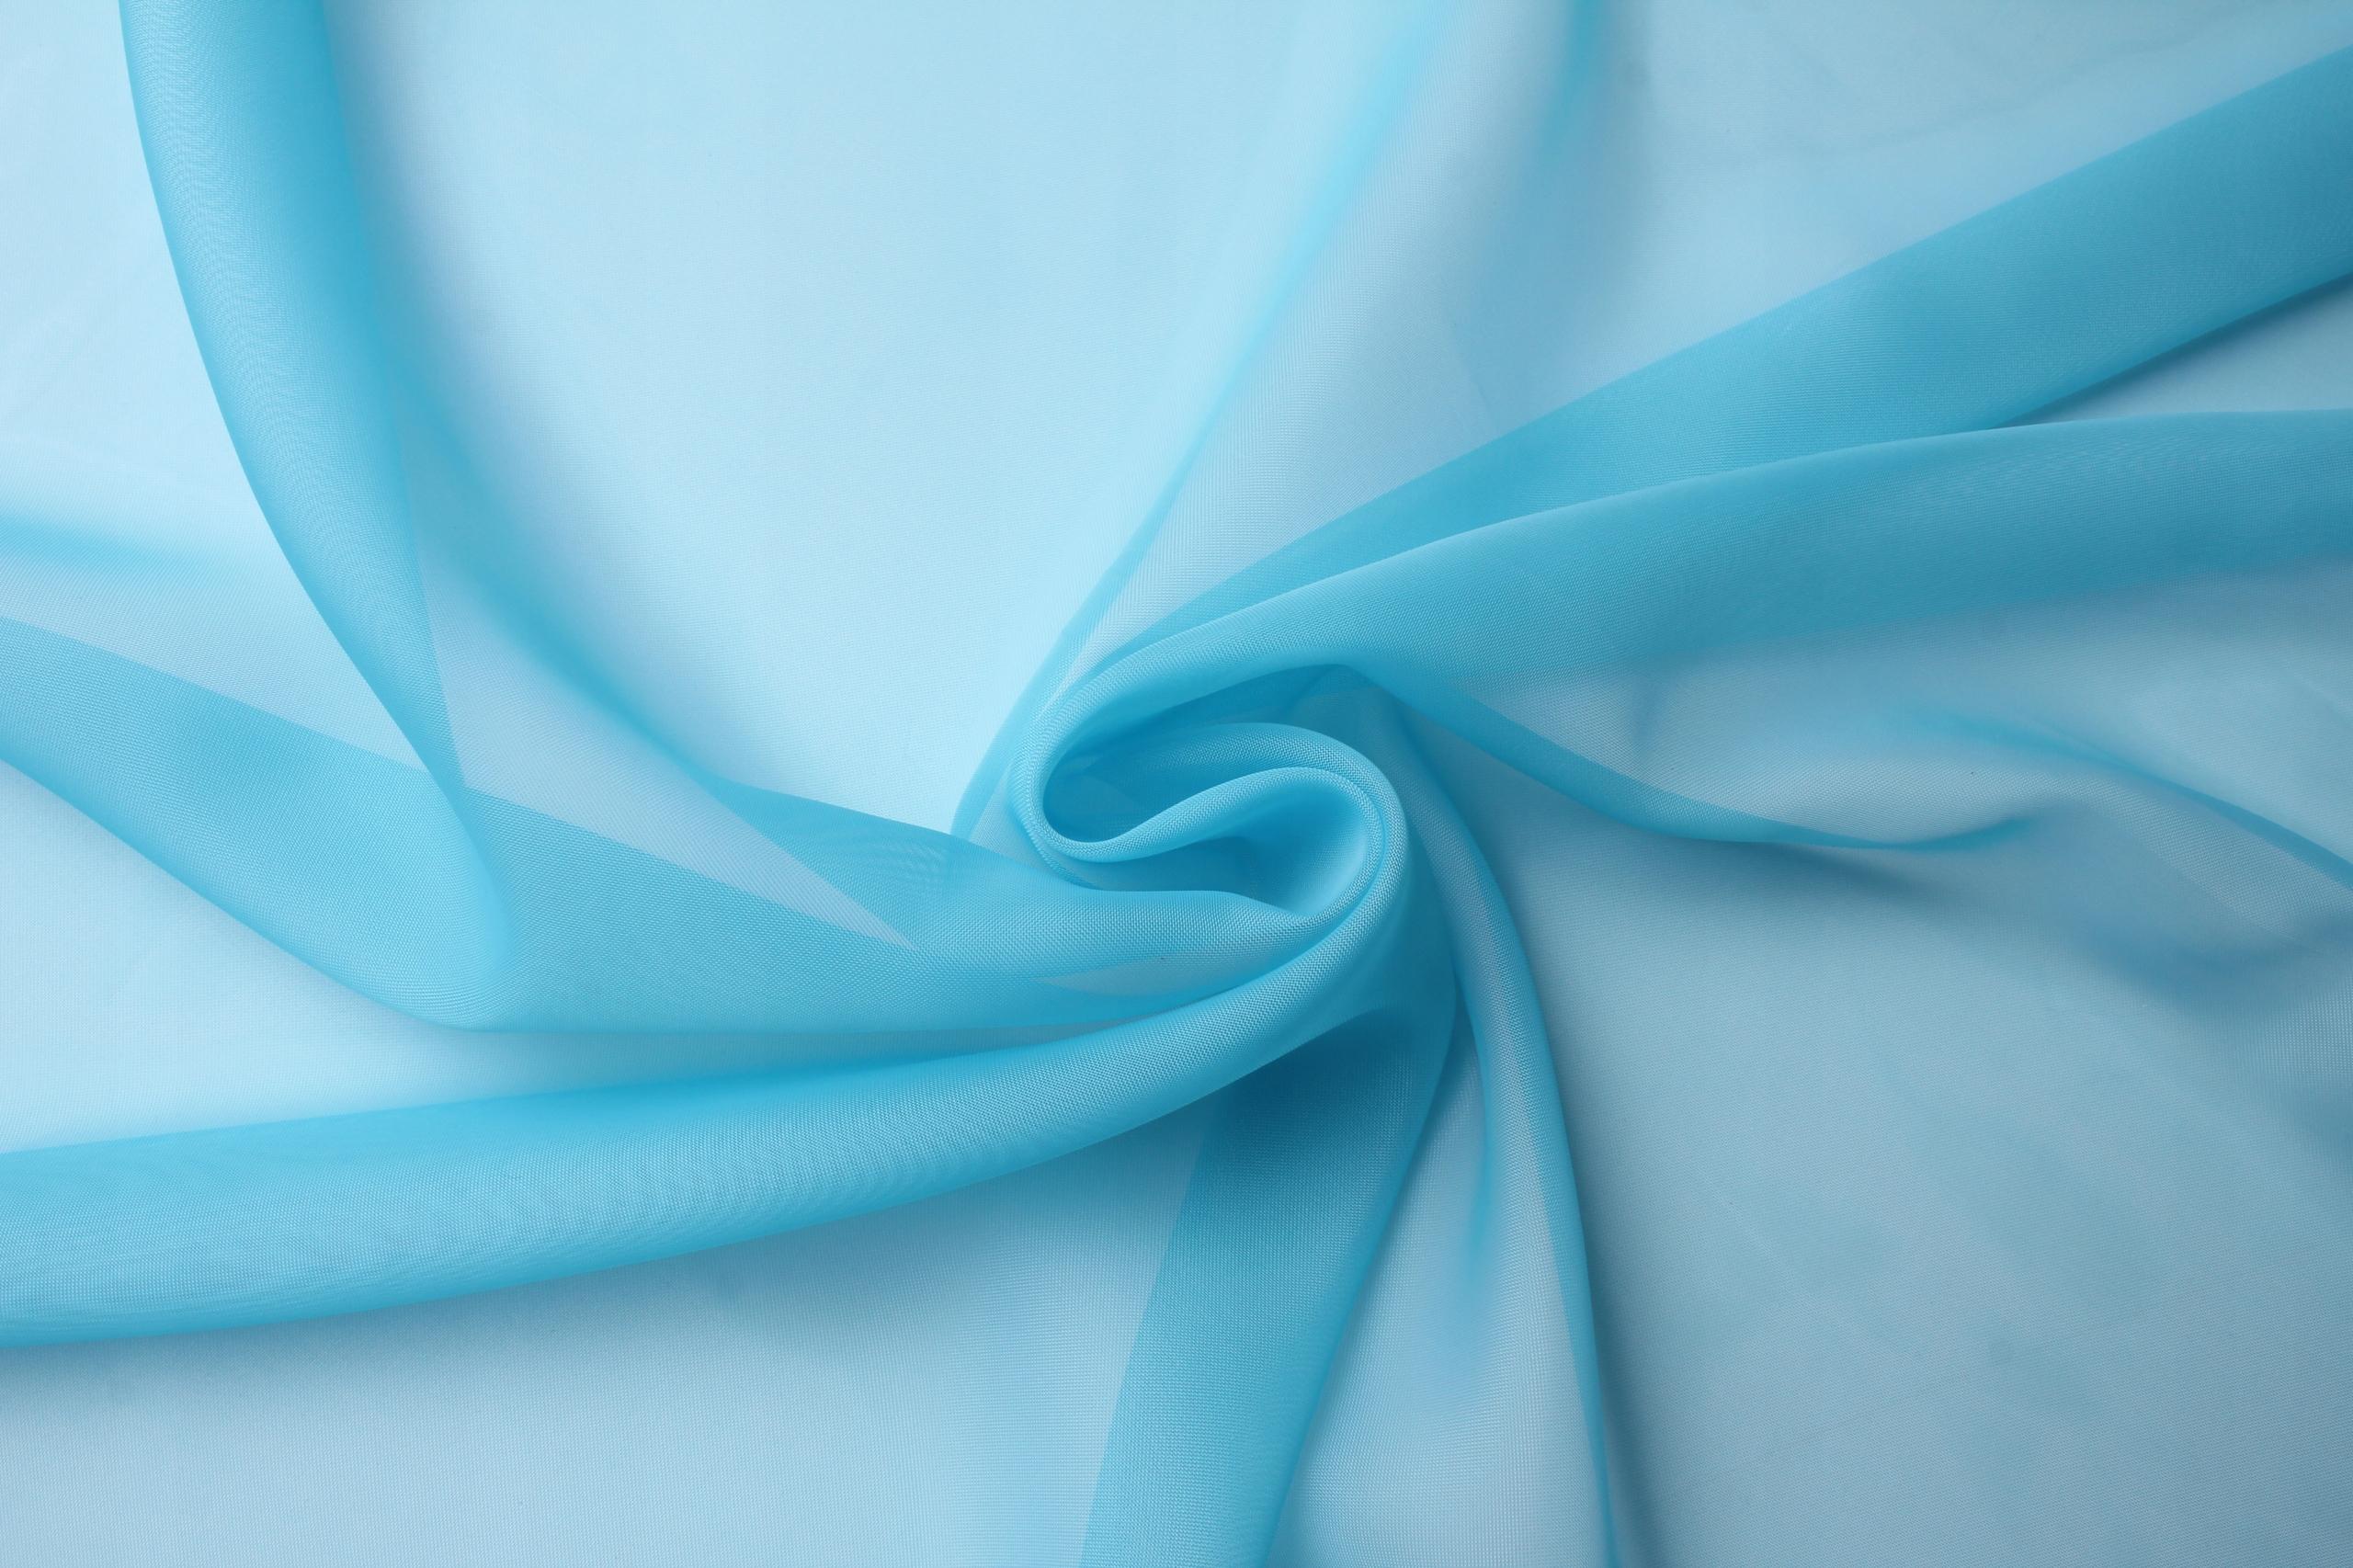 Ткань маркизет: особенности и свойства ткани. Правила ухода за тканью